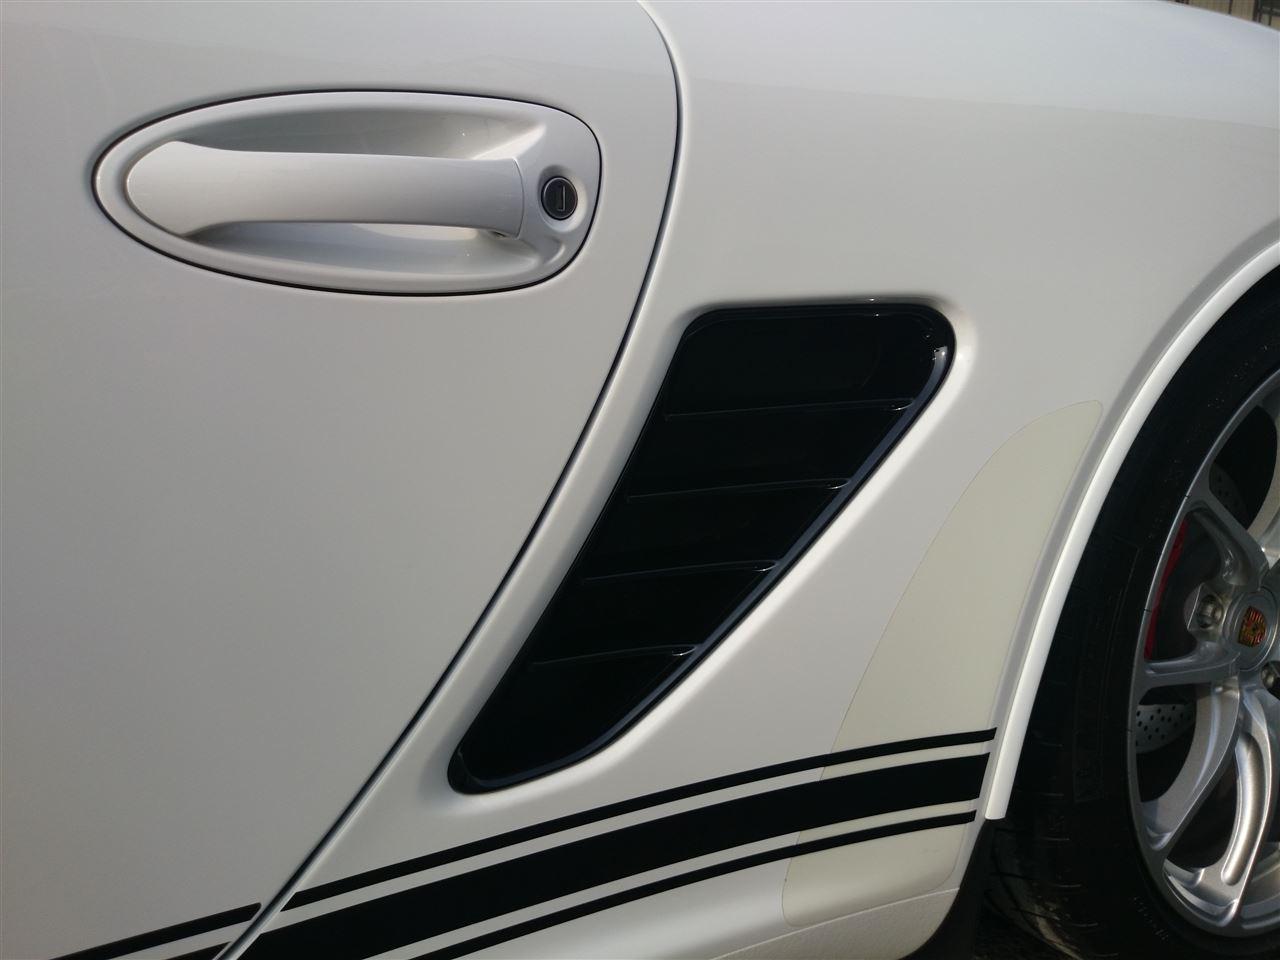 東京都立川市の車の板金塗装修理工場 ガレージローライドのポルシェ ボクスターのボディー磨き&ウェルムガラスコーティング です。